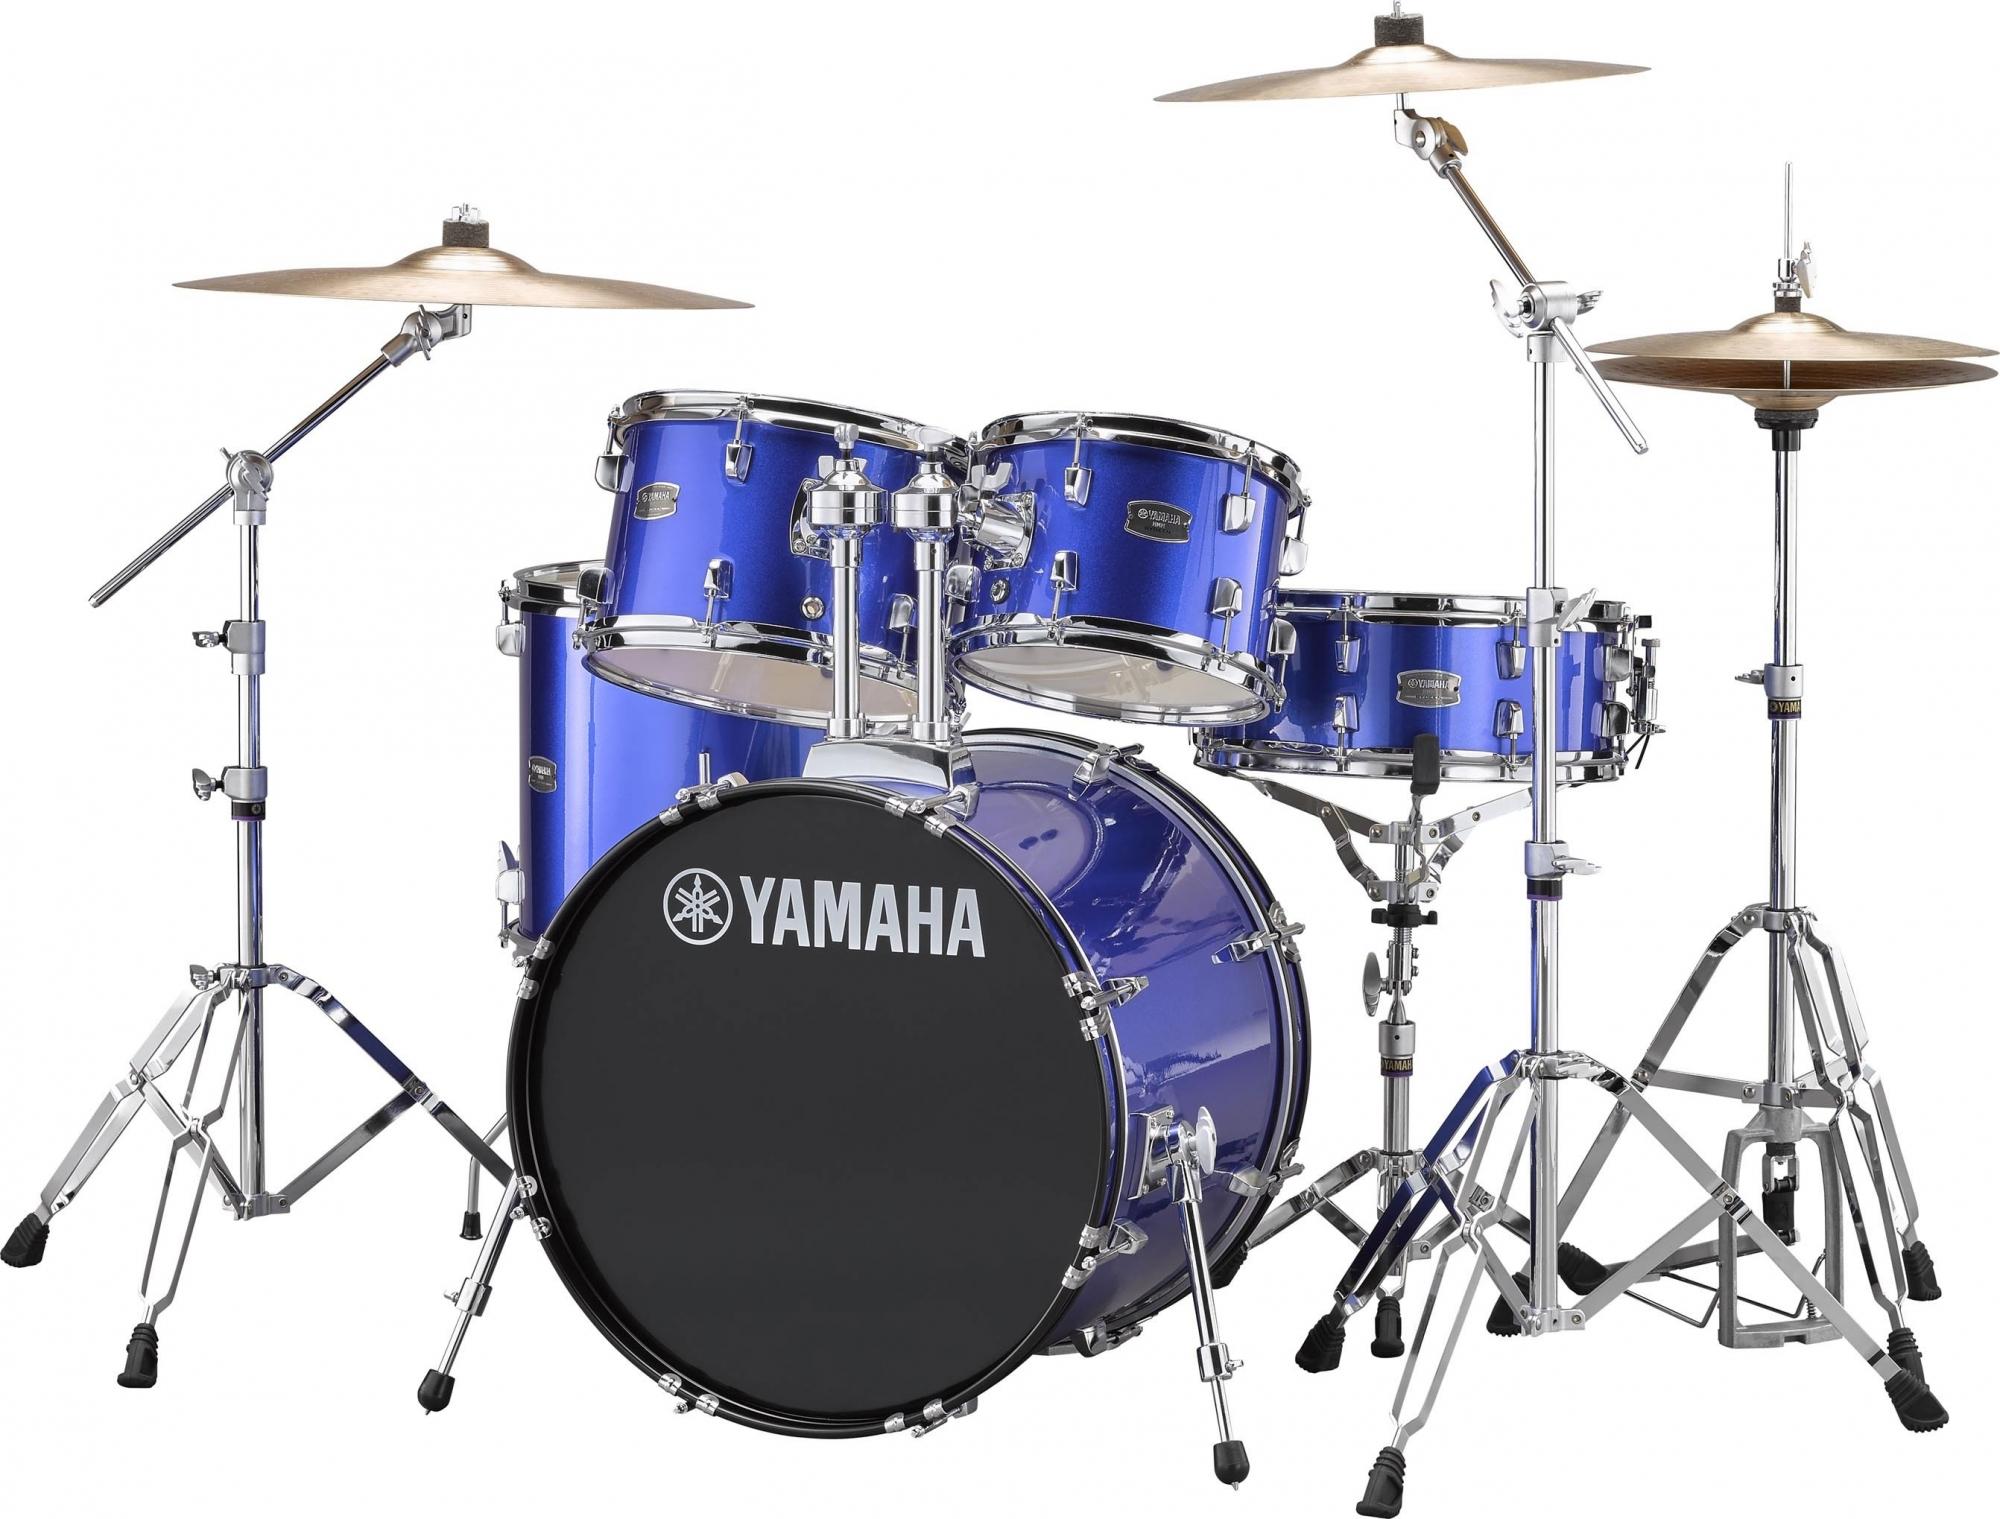 Yamaha RYDEEN Standard Trommesæt - inkl. bækkener & hardware Fine blue